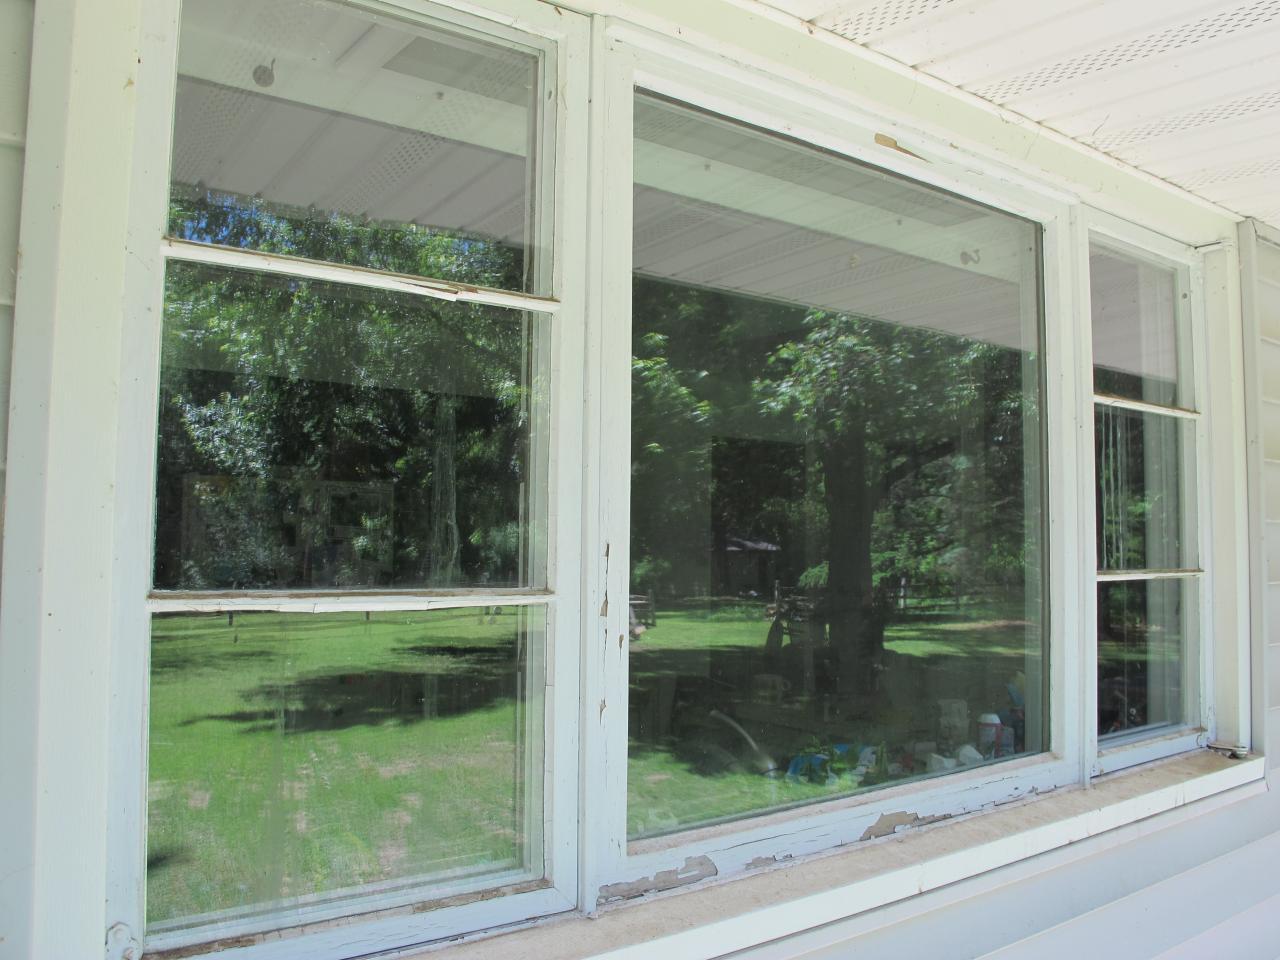 How to prep windows for painting how tos diy for Contour de fenetre exterieur